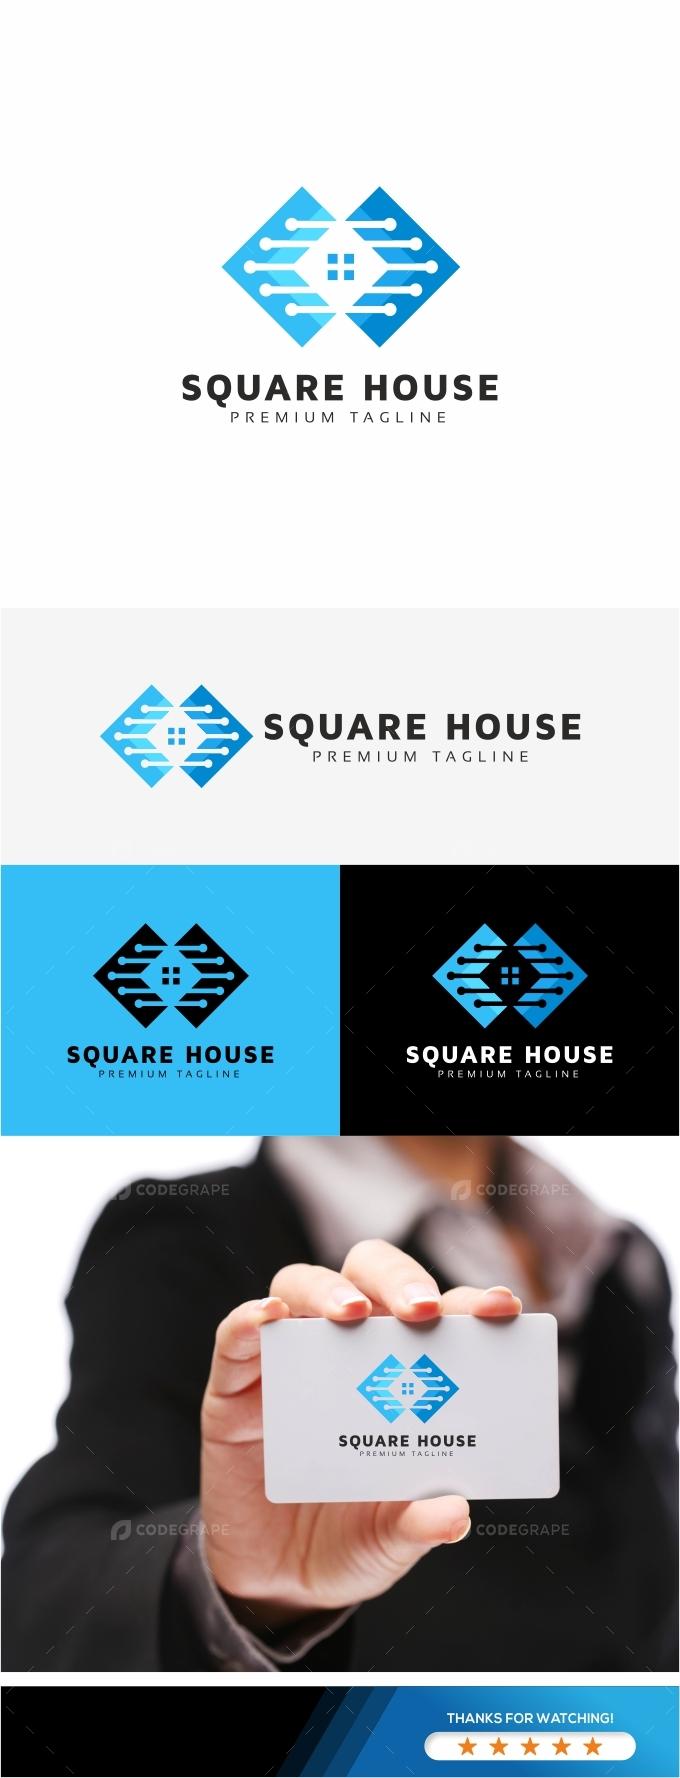 Square House Logo